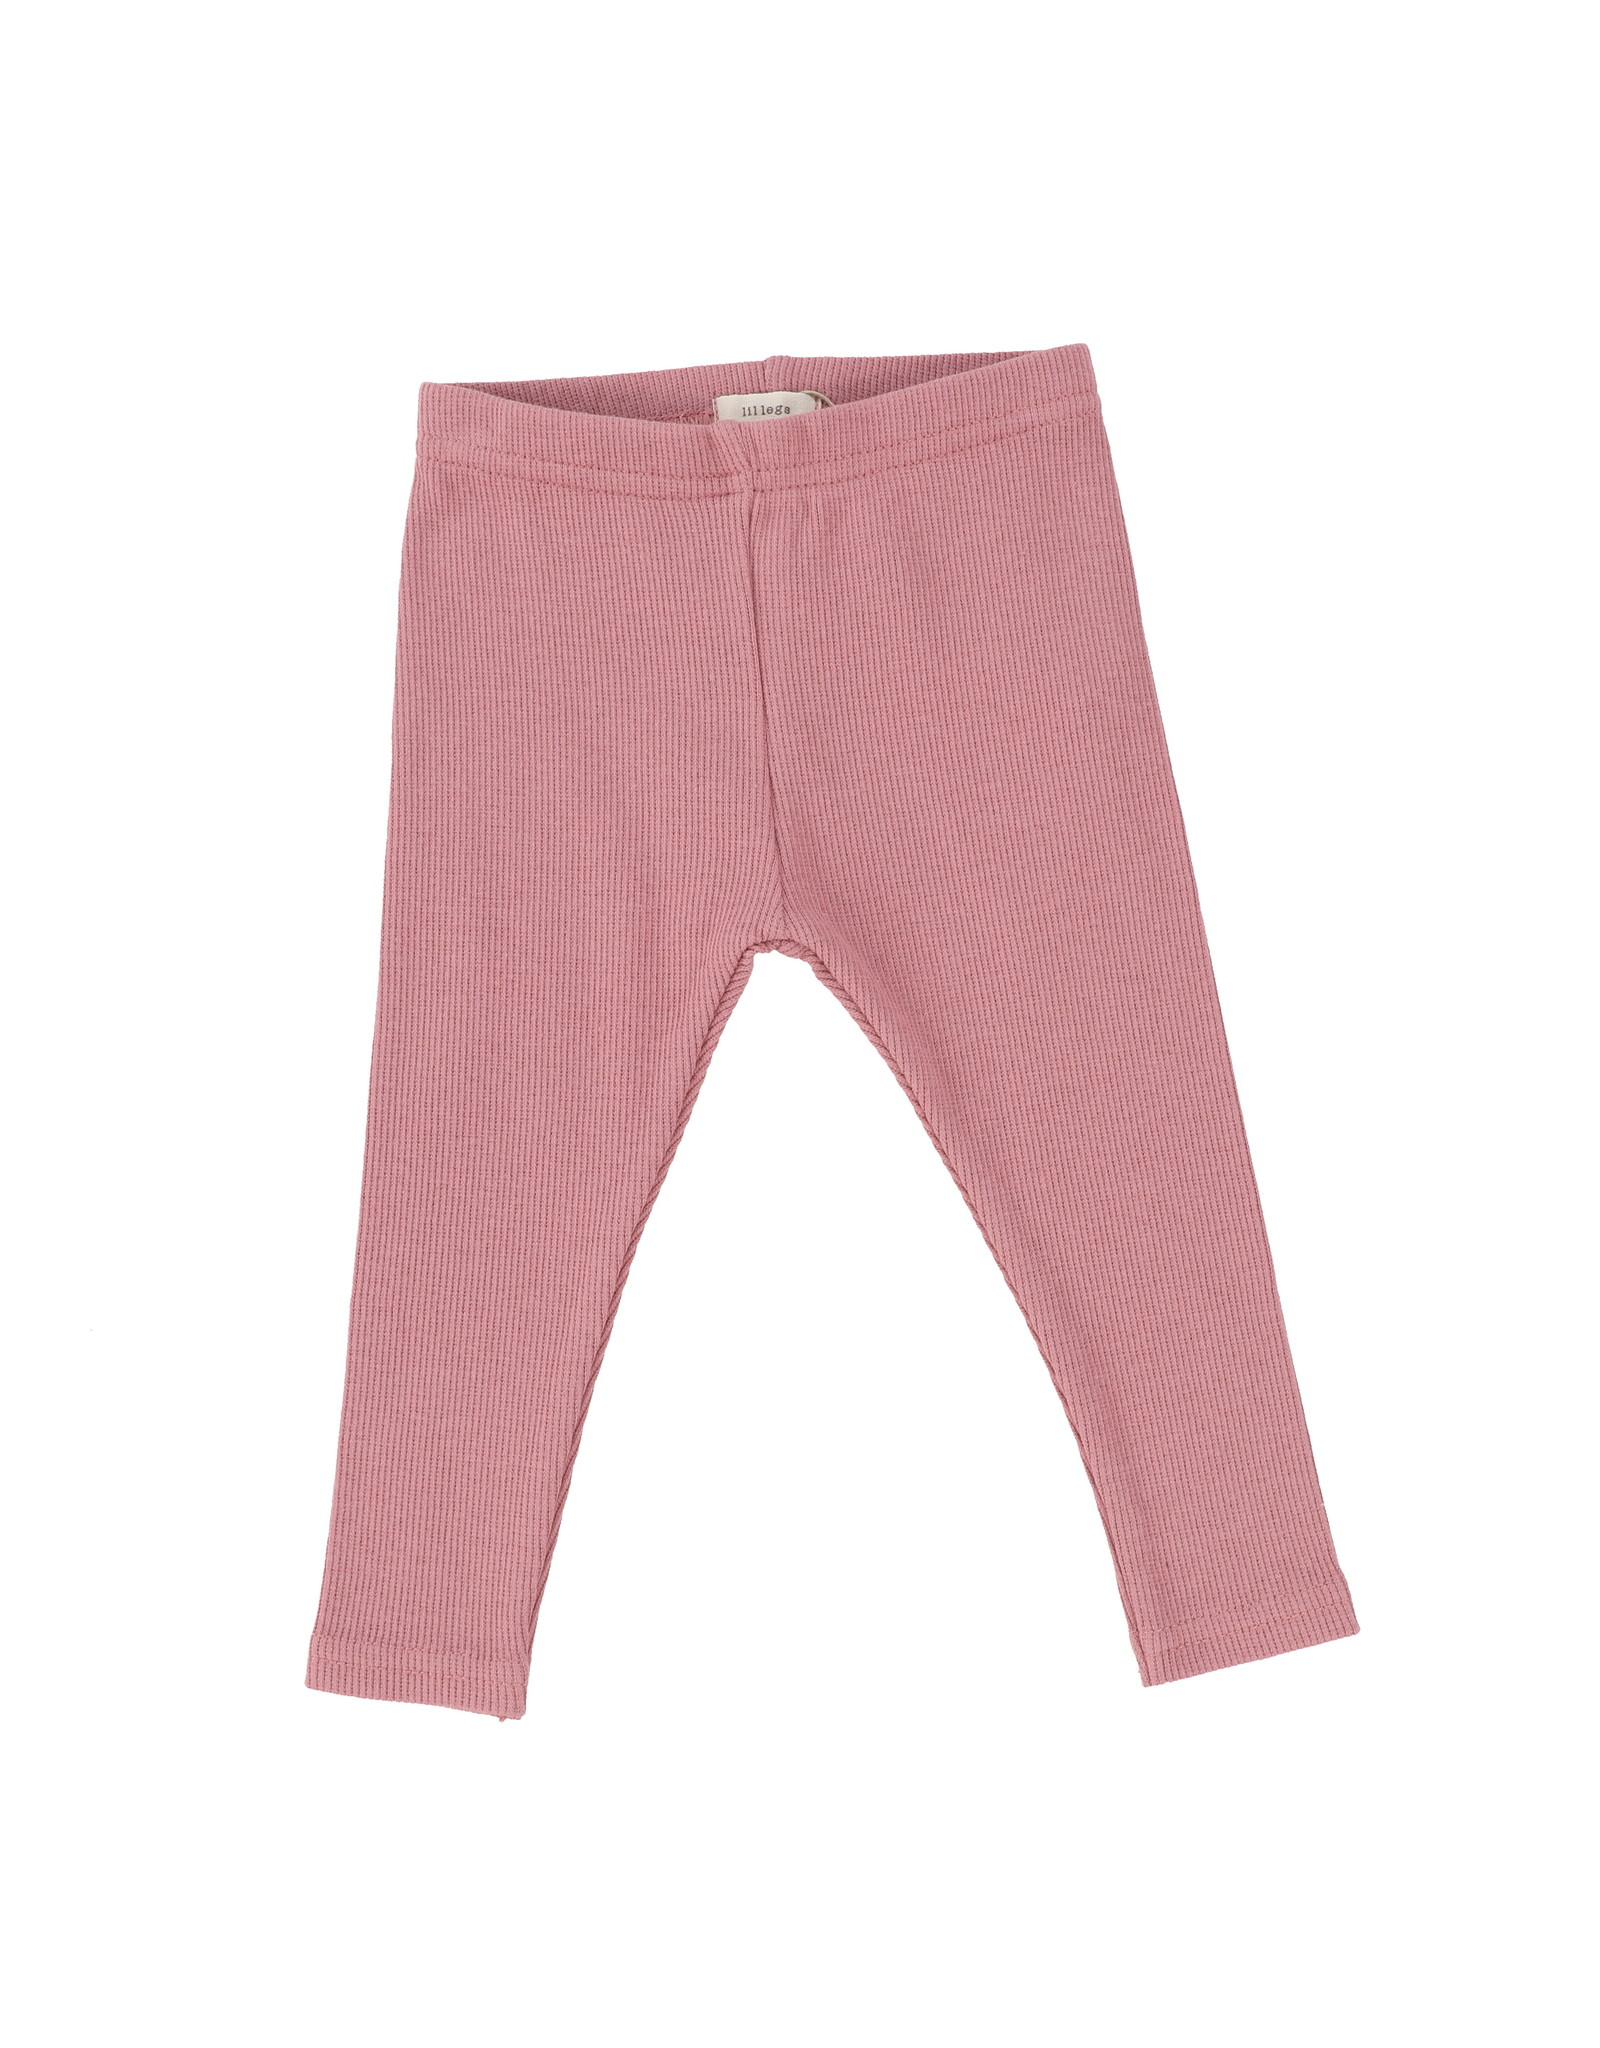 LIL LEGS Lil Legs Rib Leggings Fashion Colors